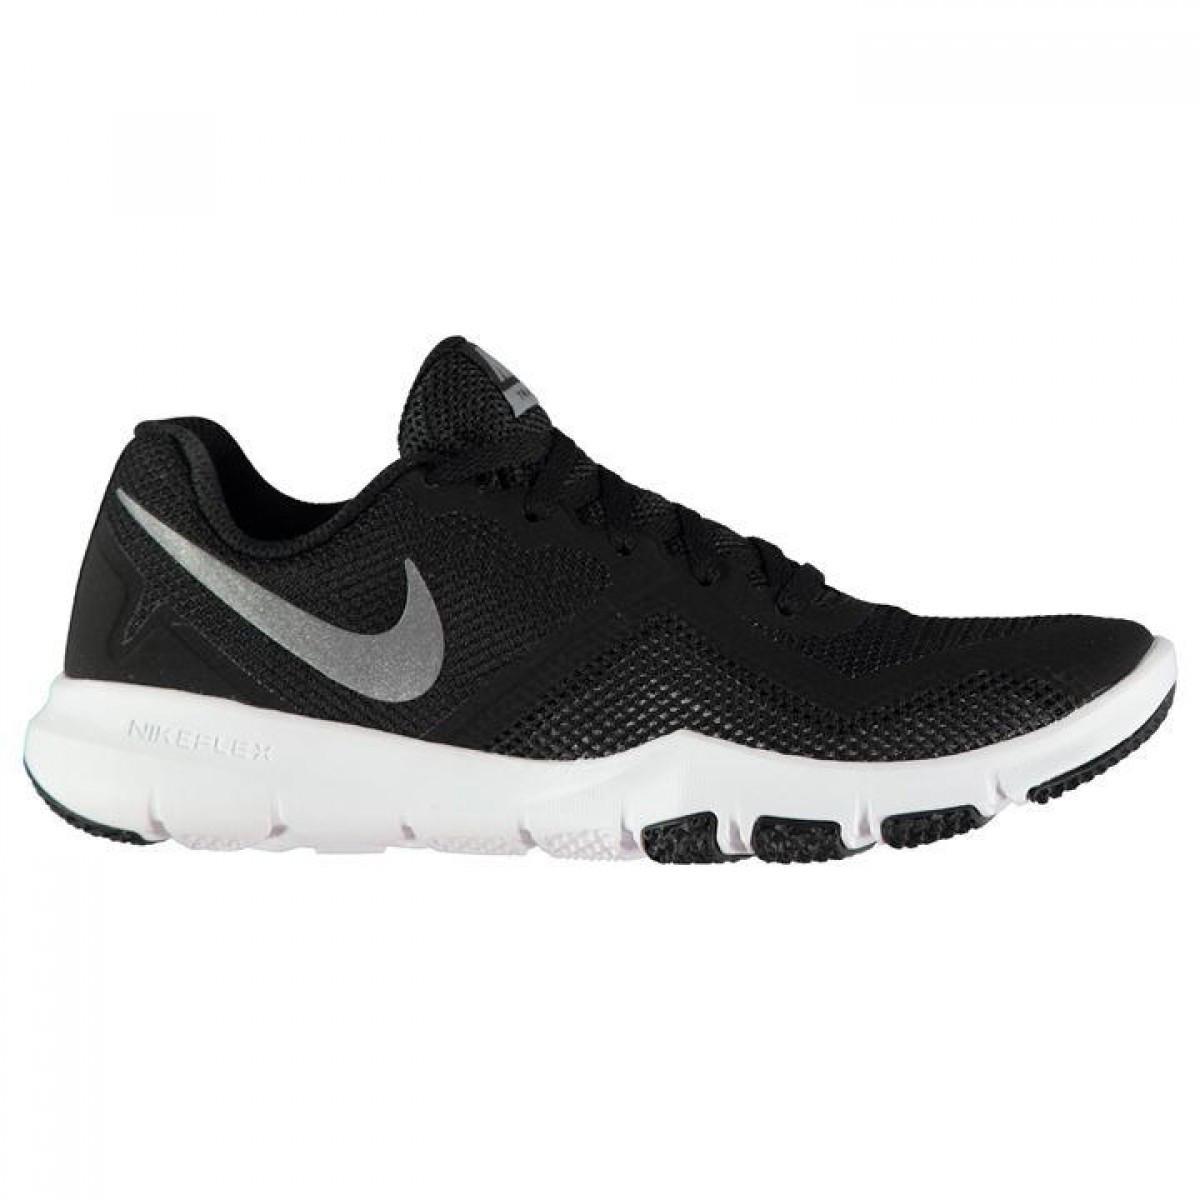 dc094bb46696 Кроссовки Nike Flex Control II Black Grey - Оригинал - FAIR - оригинальная  одежда и